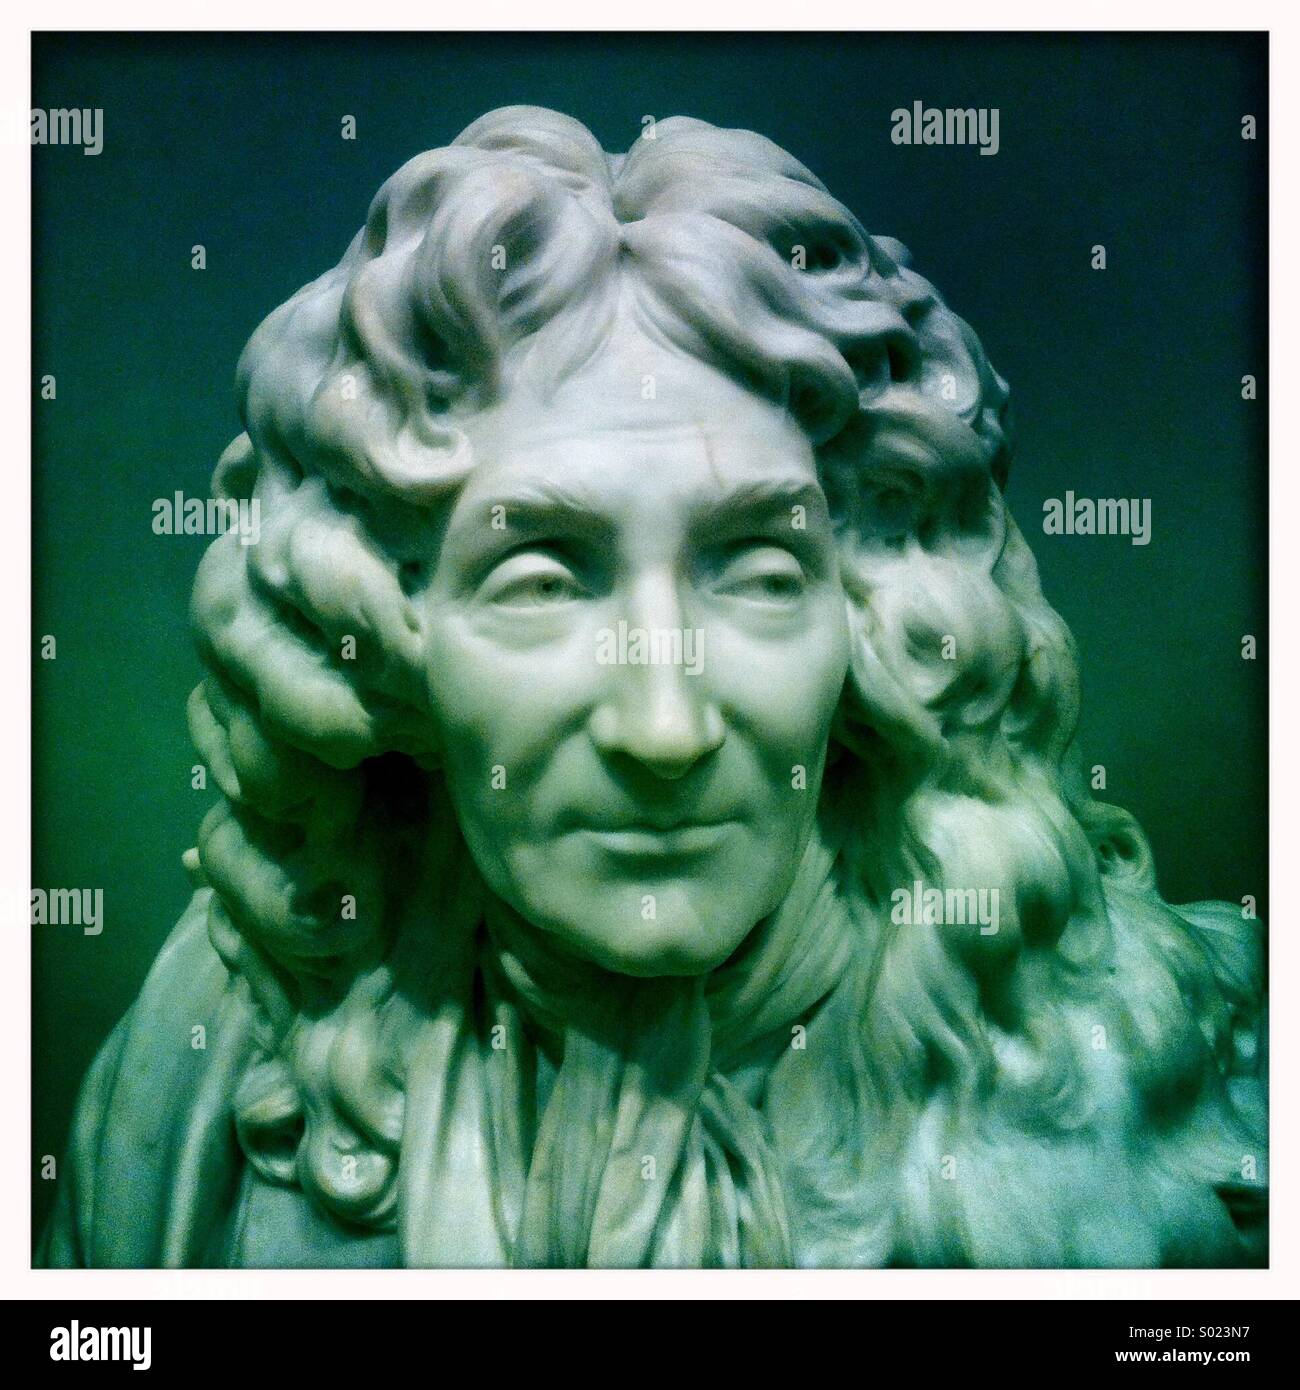 Statue en marbre d'un homme. Photo Stock